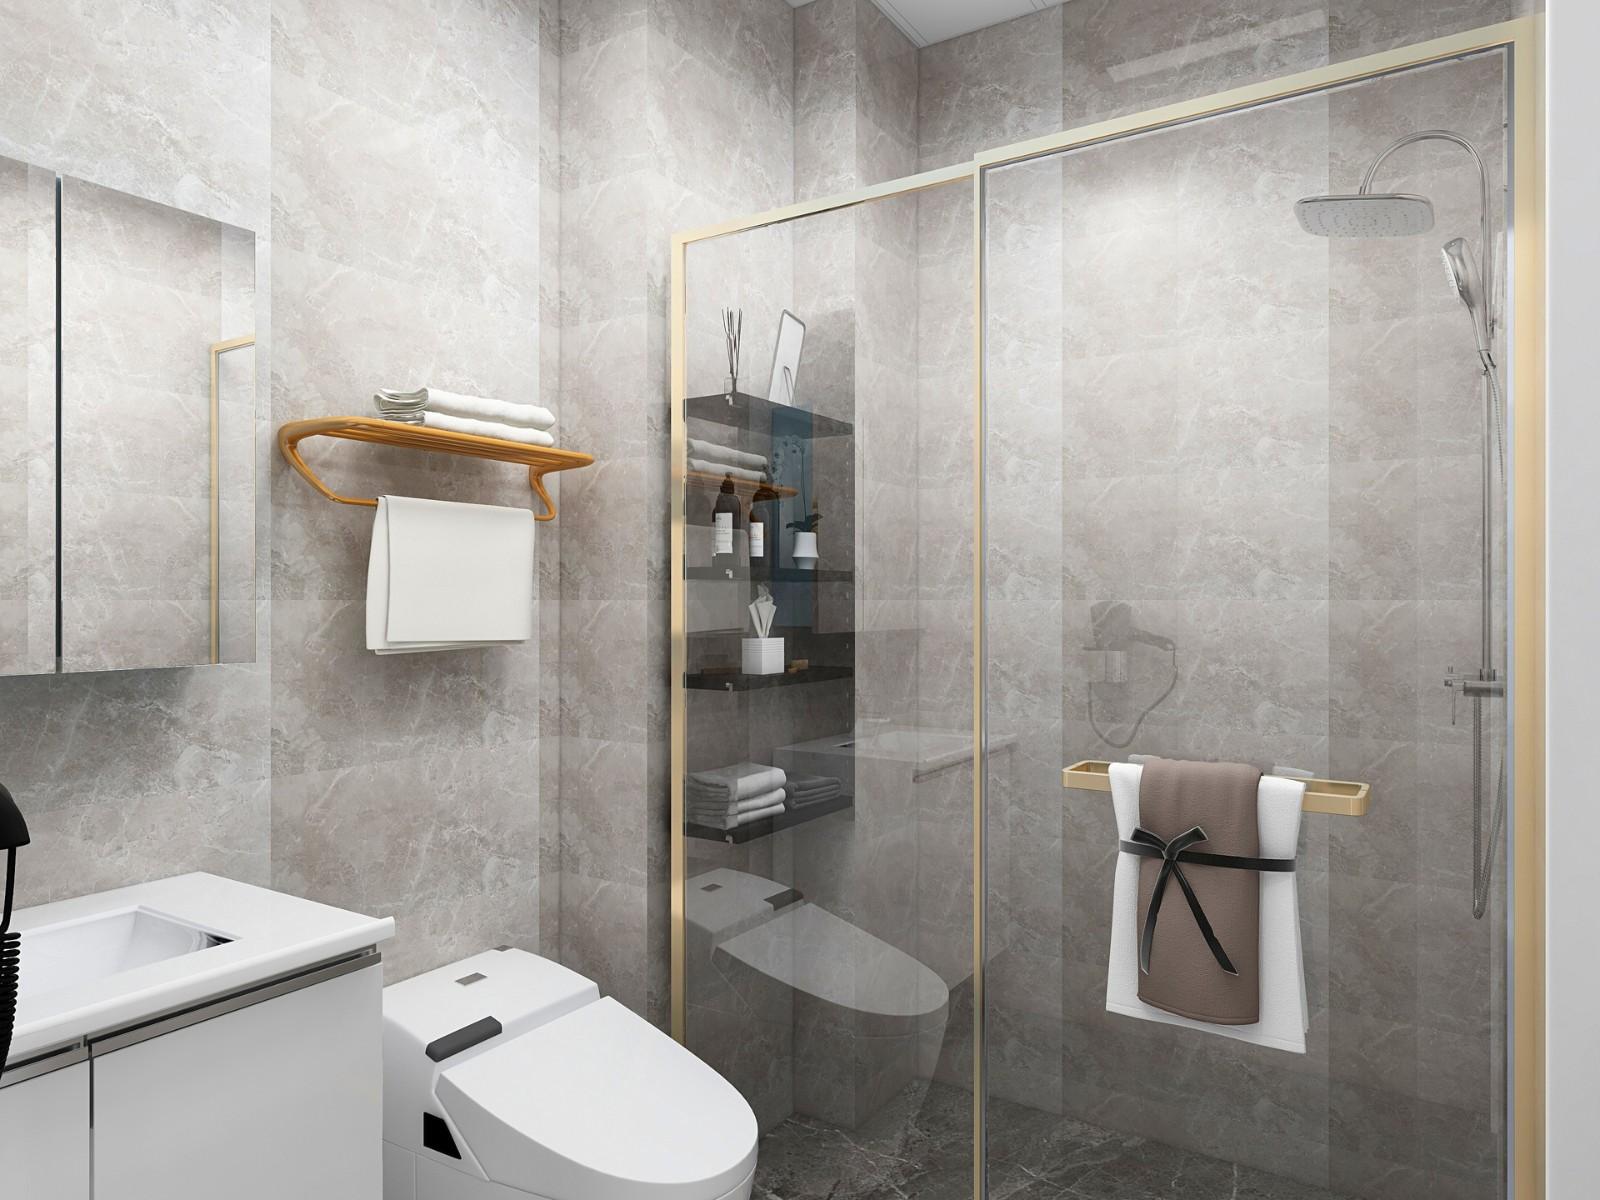 经典两房改三房案例_7万120平米现代两房装修效果图,现代风格案例装修案例效果图 ...